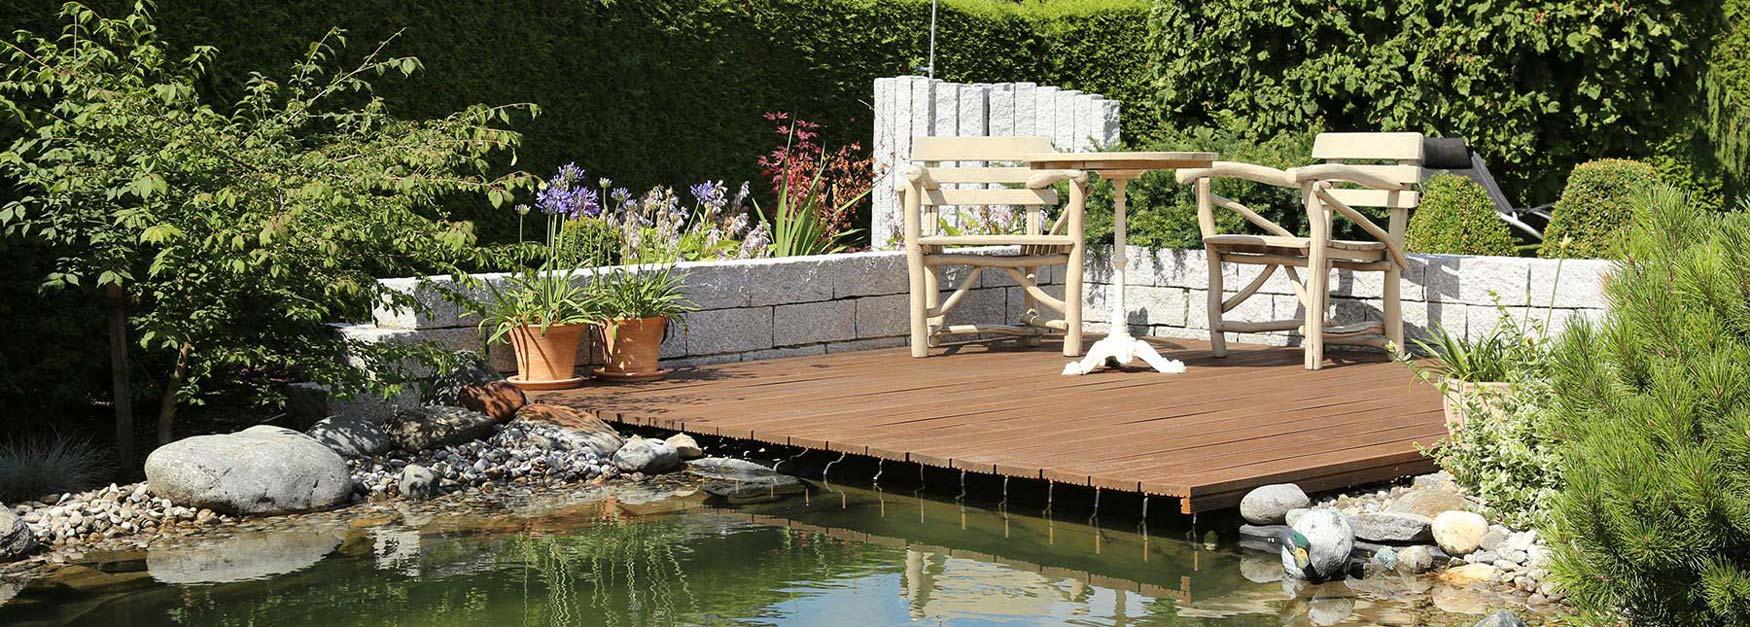 Garten- und Landschaftsbau Martin Wiebel